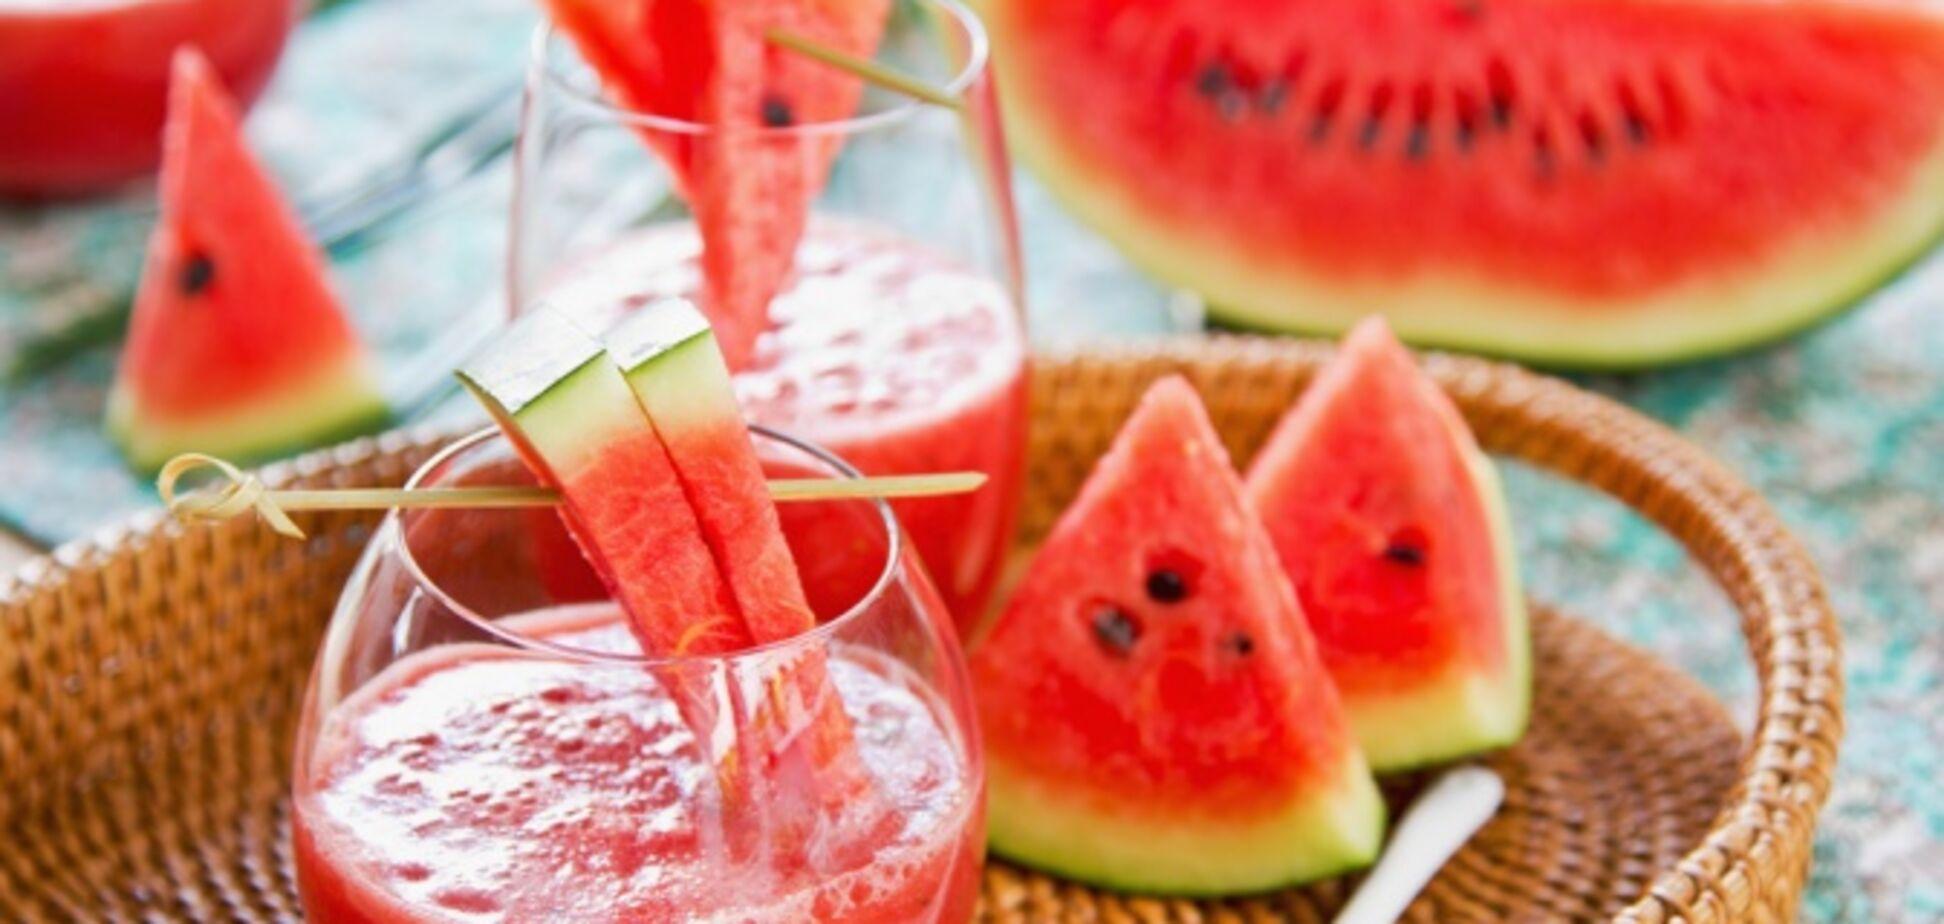 Арбузная диета: плюсы и минусы